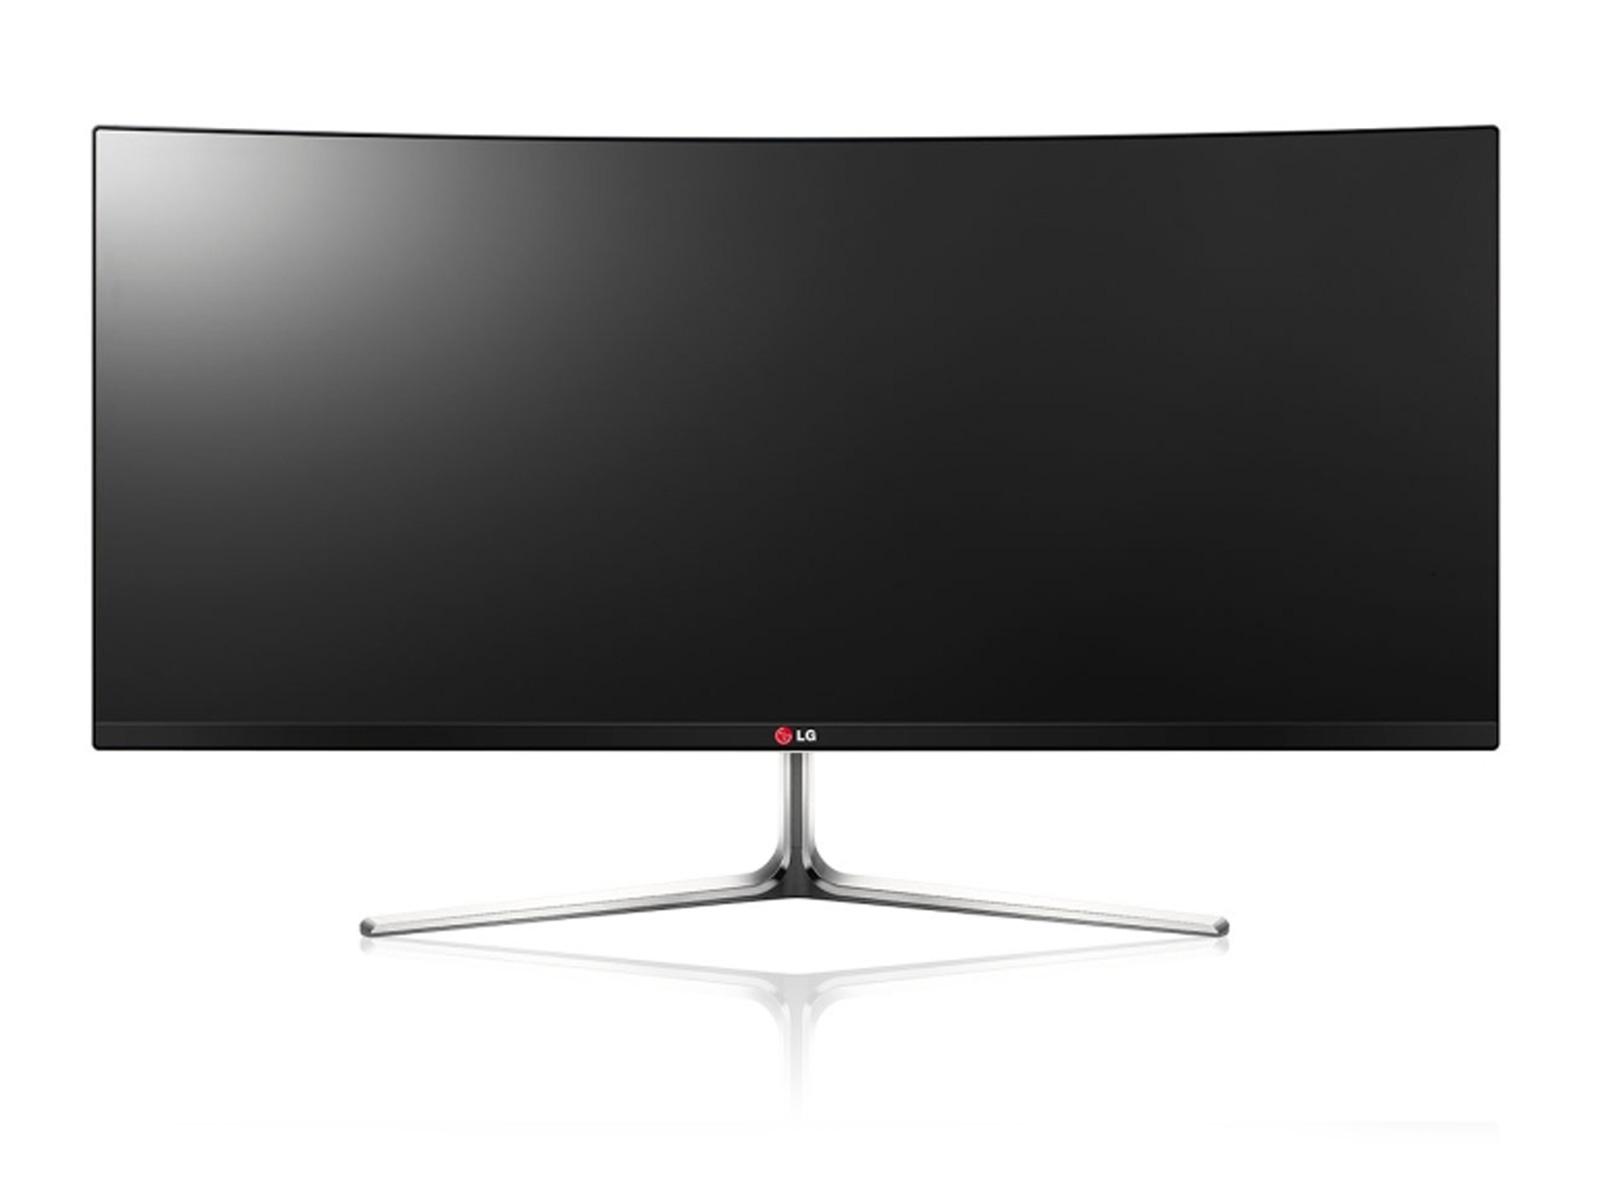 LG-scherm02